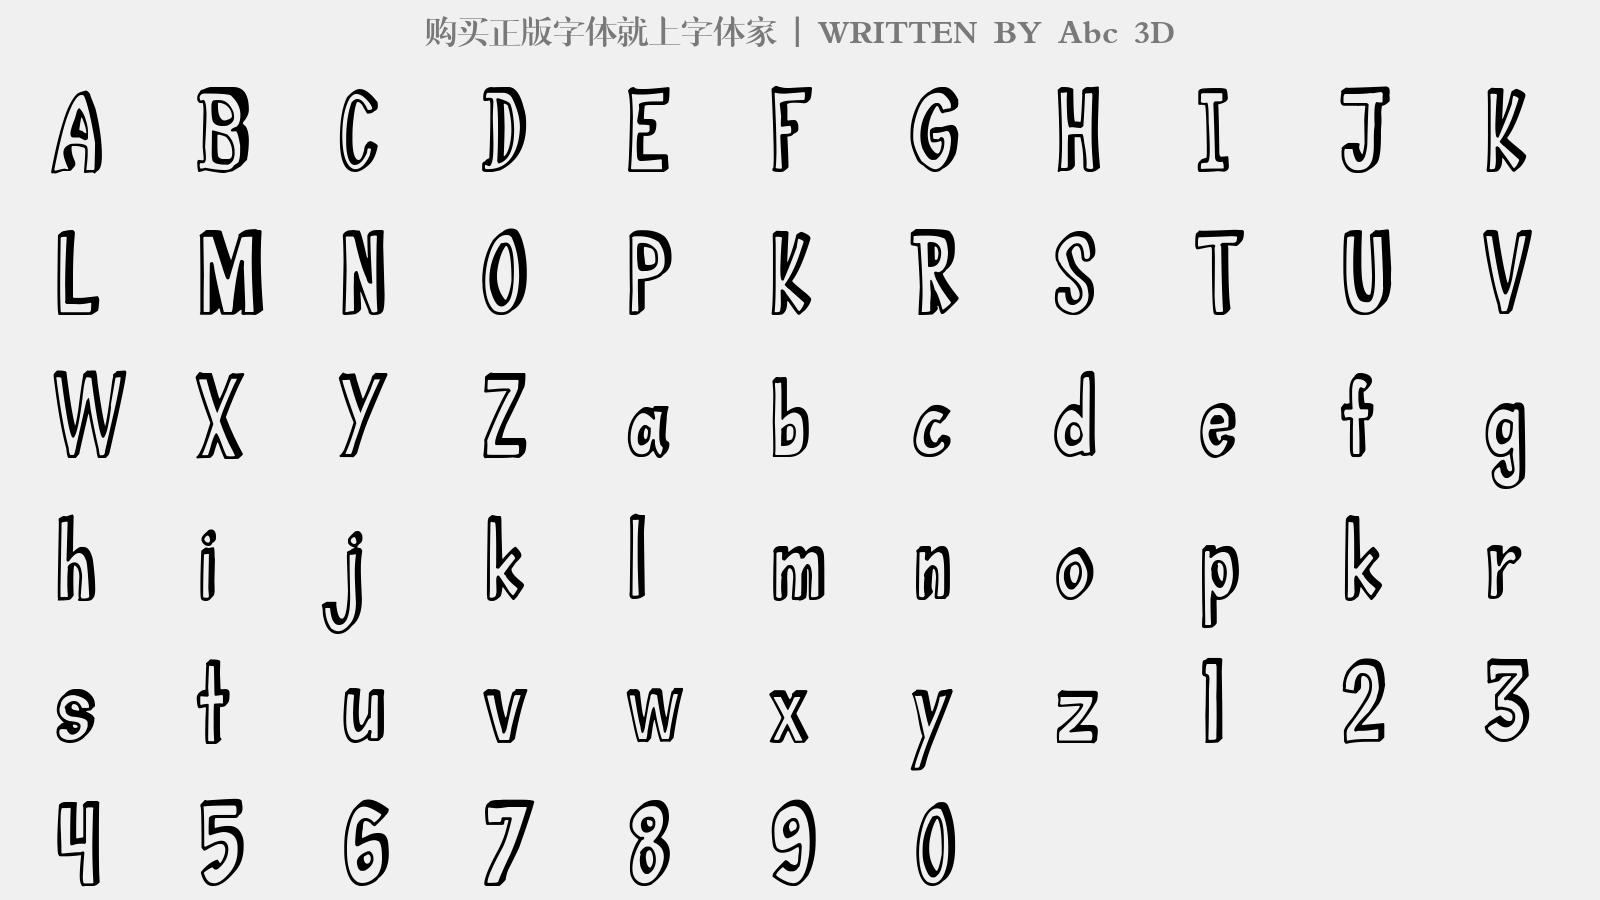 Abc 3D - 大寫字母/小寫字母/數字